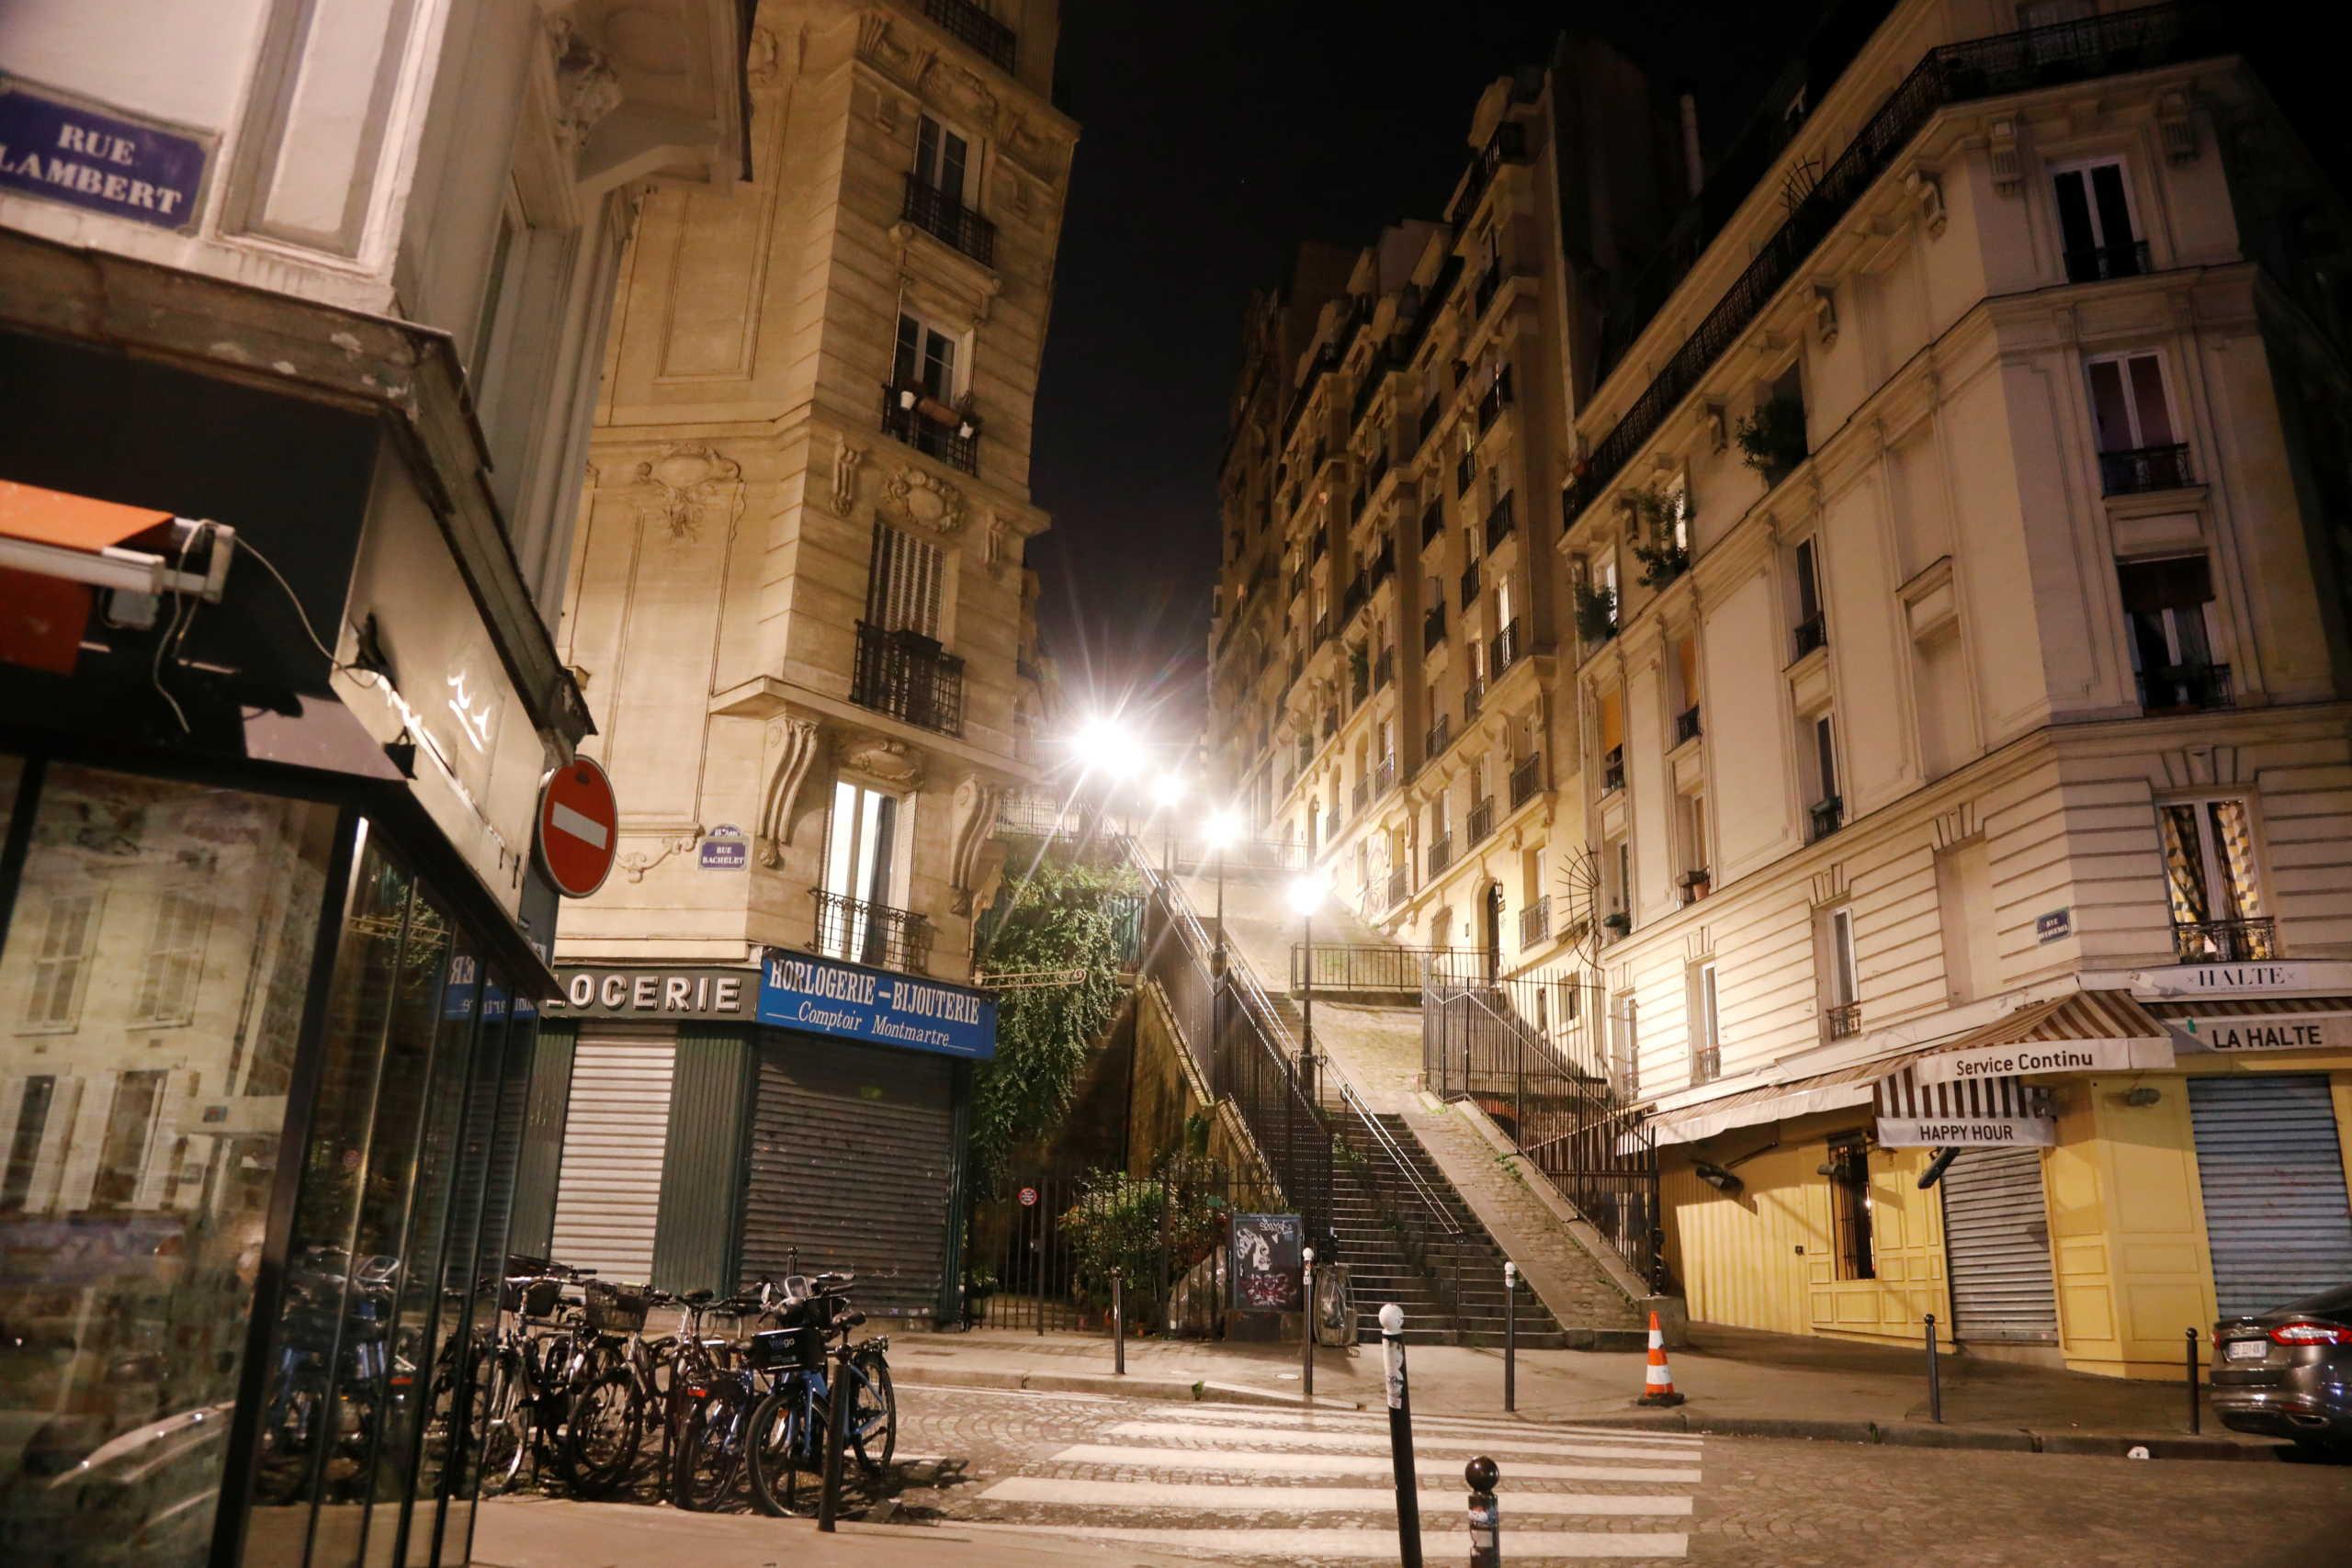 άδειοι δρόμοι λόγω κορονοϊού στη Μονμάρτη στο Παρίσι